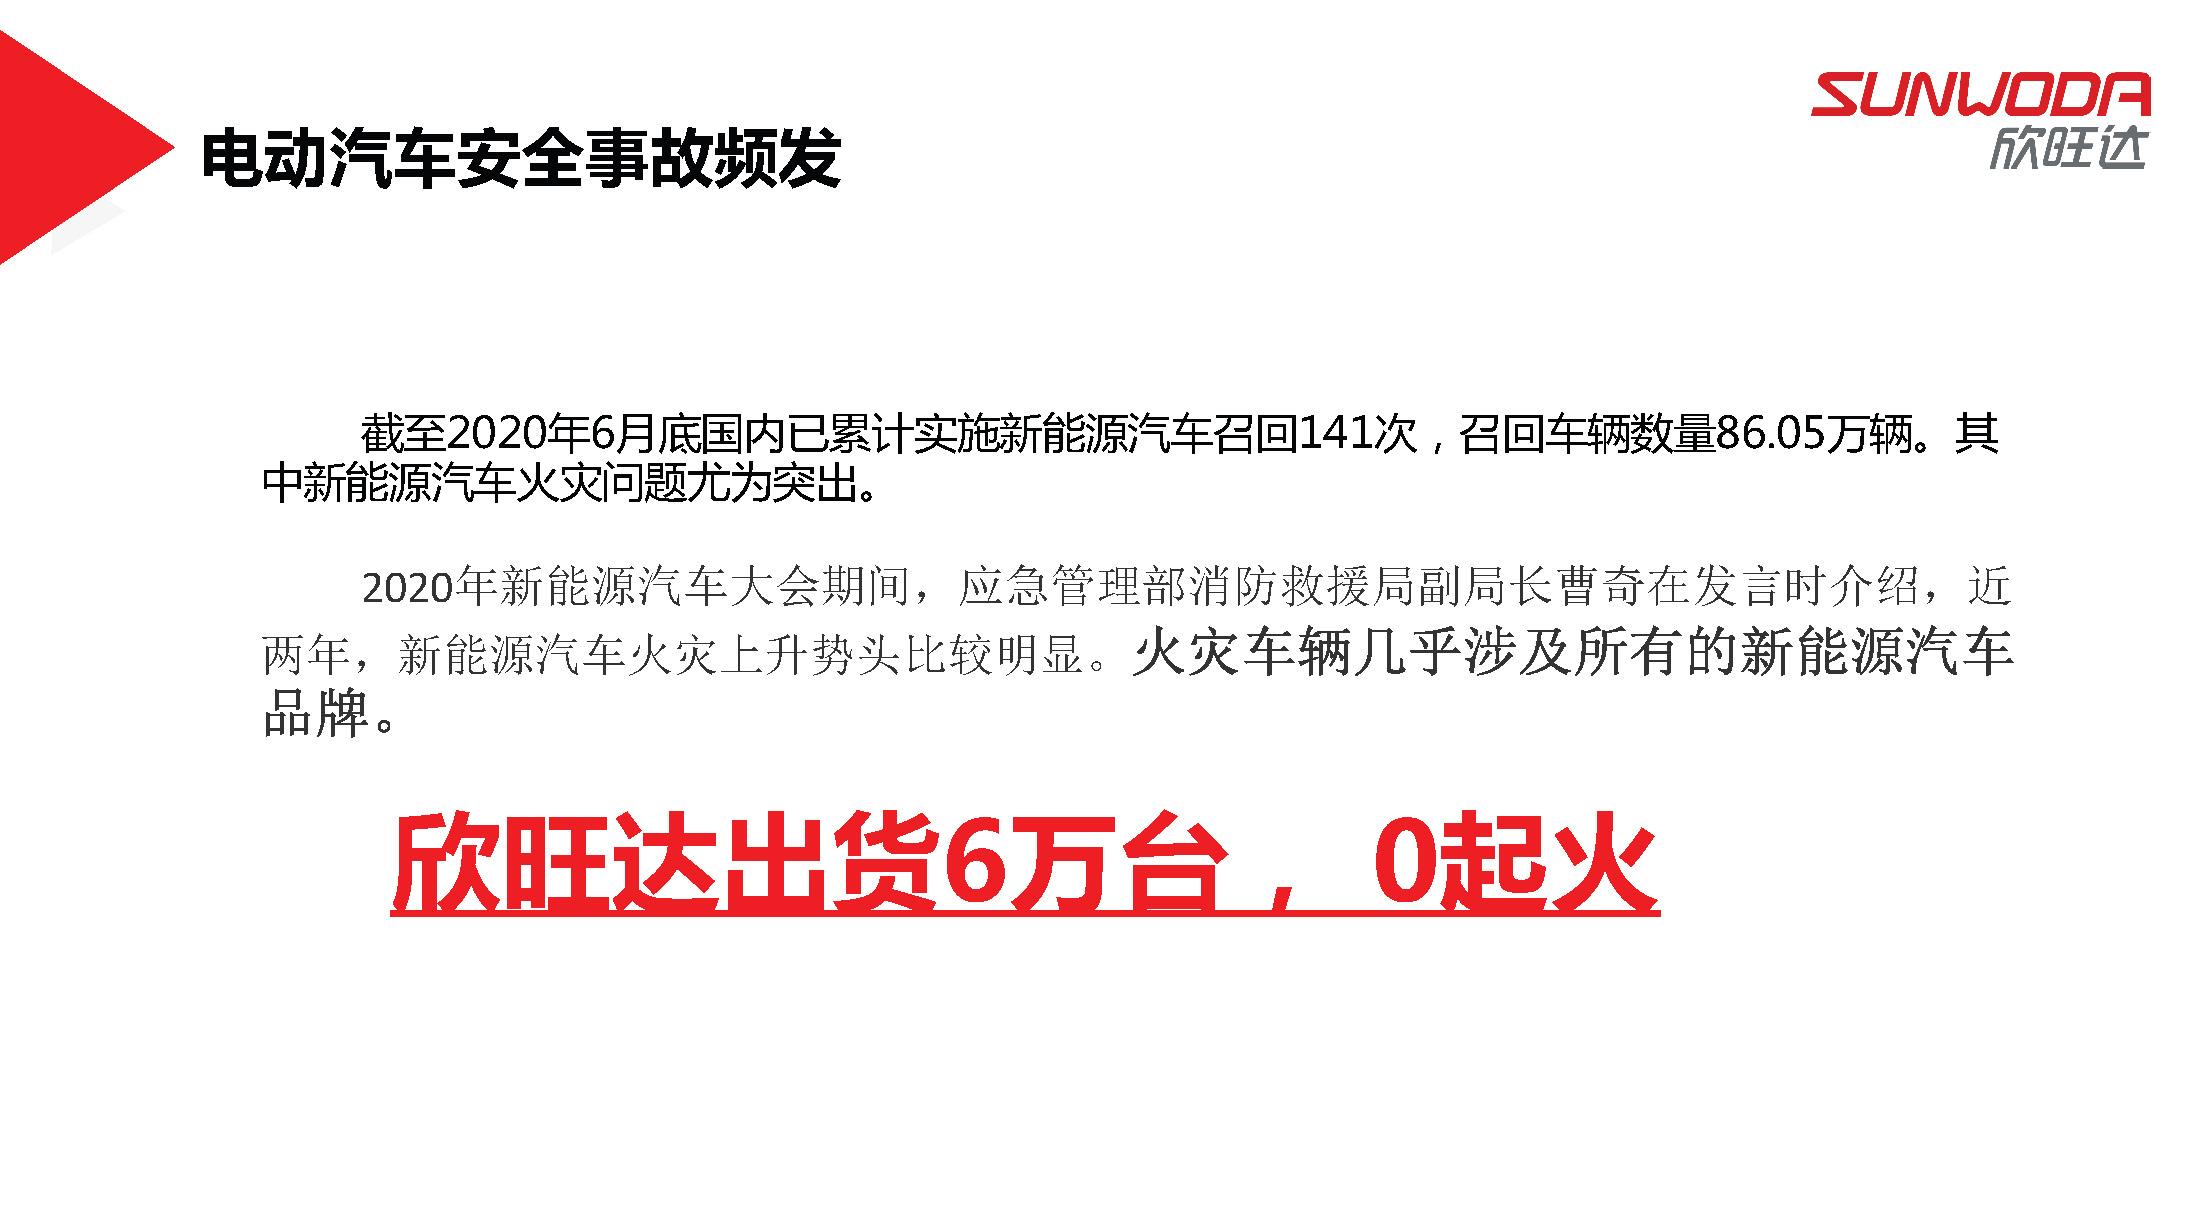 欣旺达电池系统研究院陈斌斌院长:欣旺达混动电池解决方案